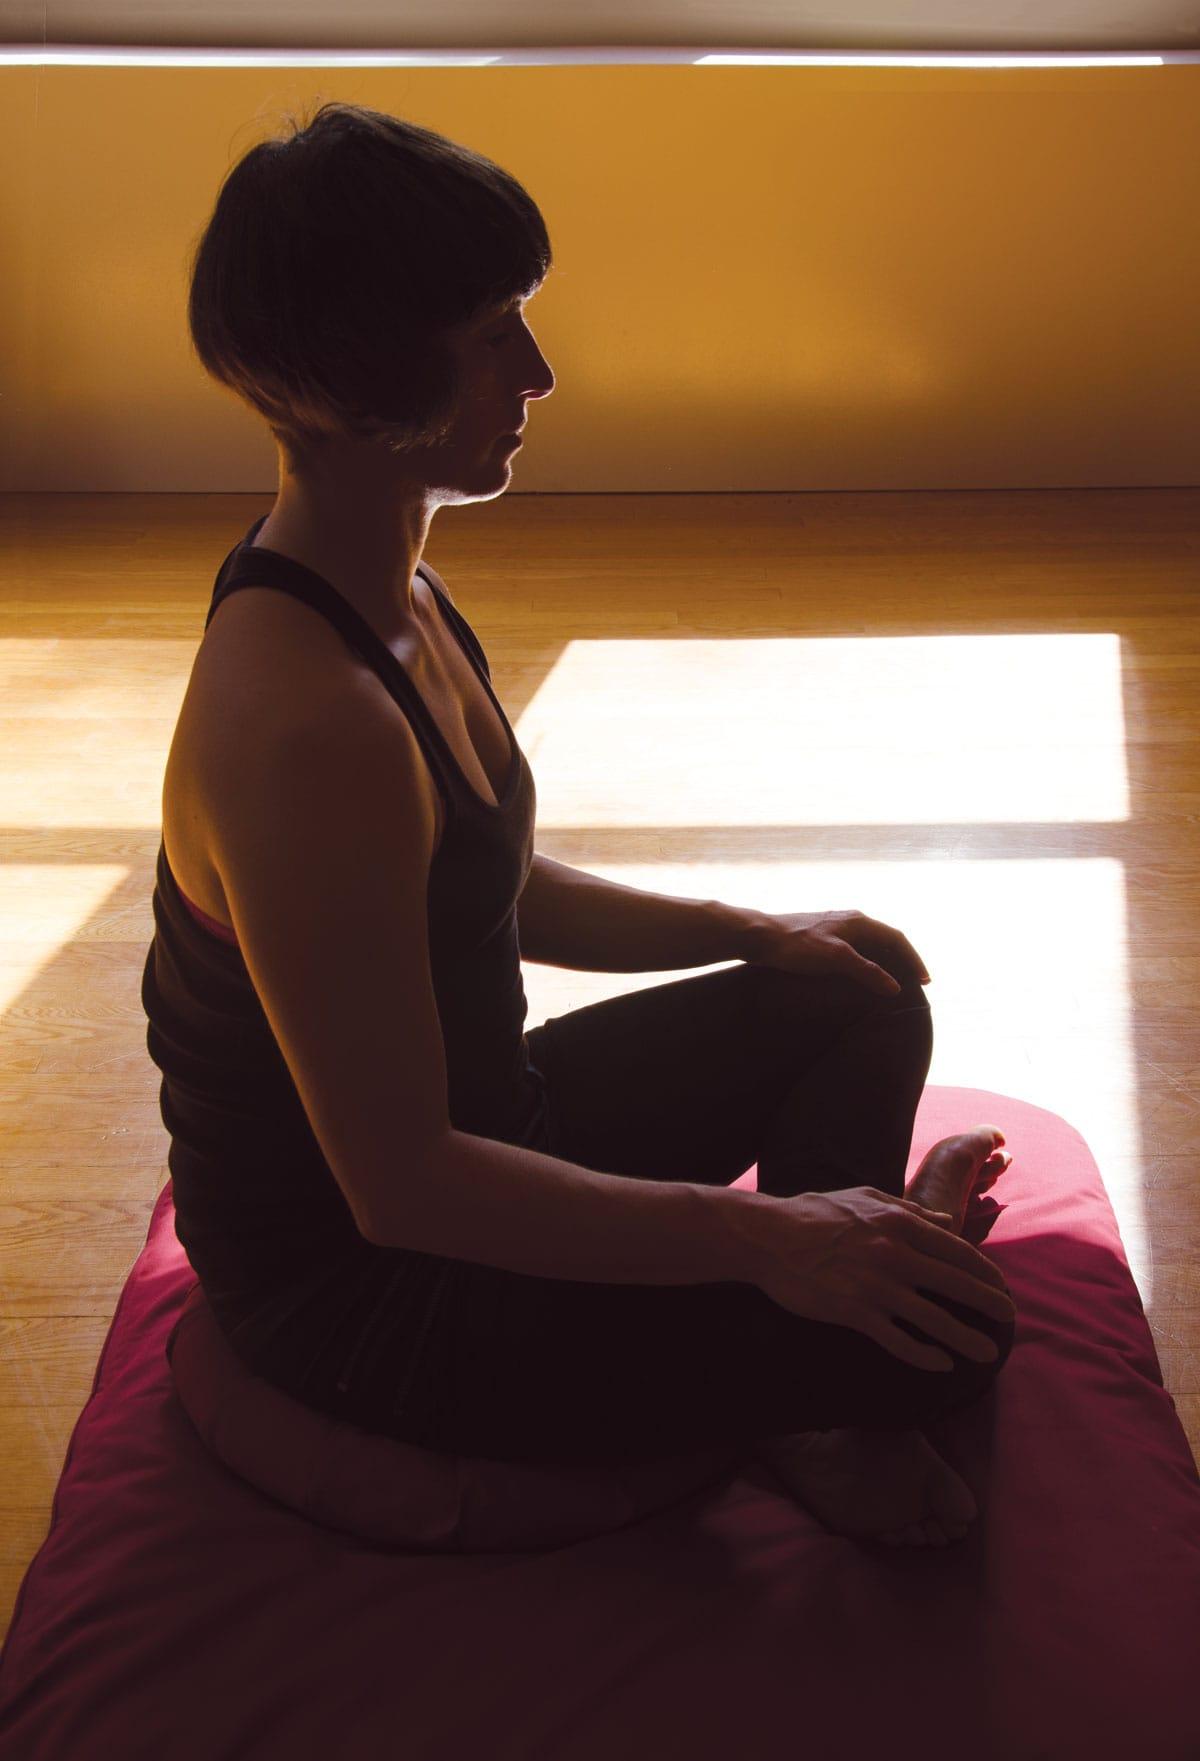 Chögyam Trungpa Rinpoche Courage Pema Chödrön Shambhala Sun - Sept '13 Sitting meditation